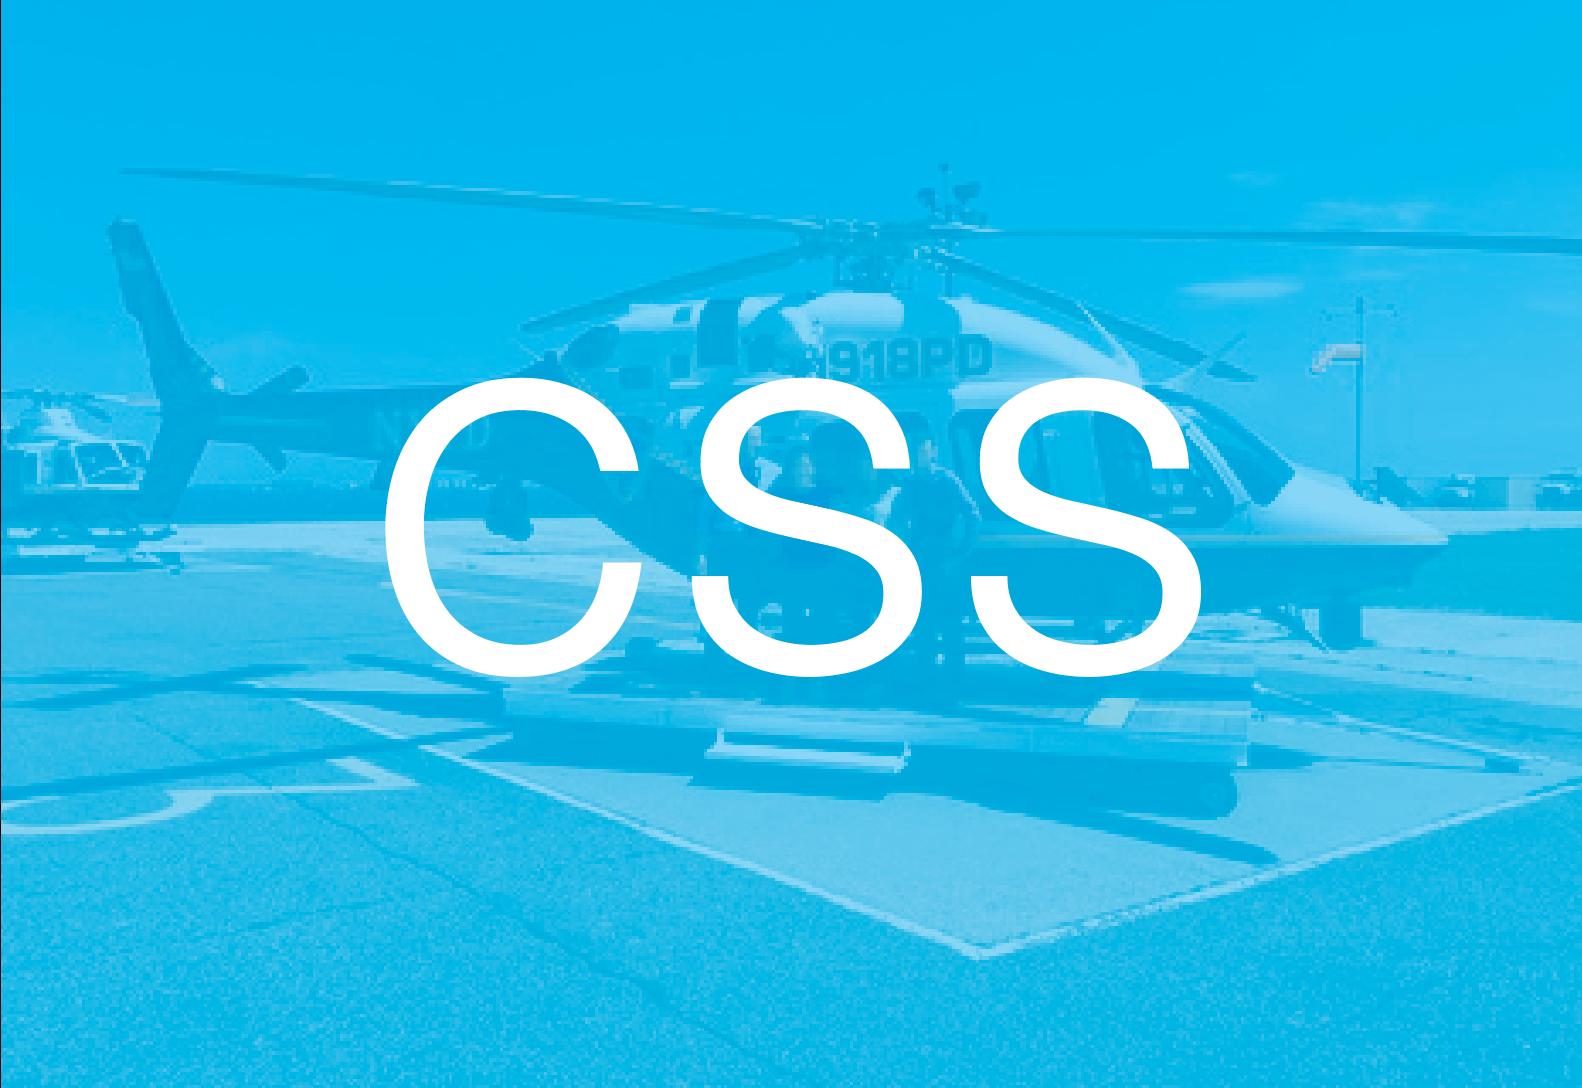 CSS acronym